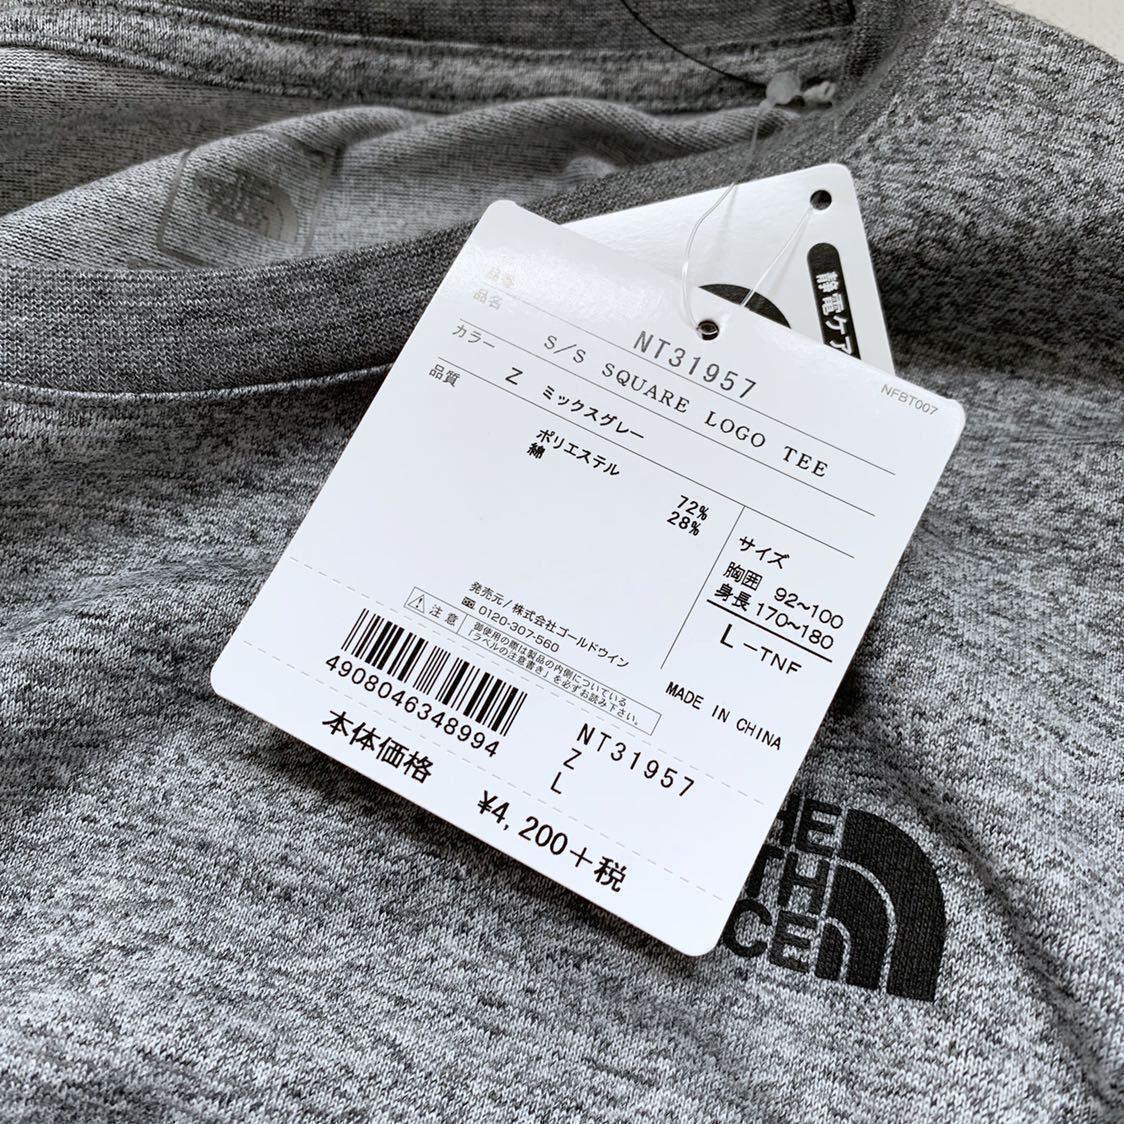 新品正規 ノースフェイス スクエア ロゴ Tシャツ L ミックス グレー THE NORTH FACE S/S Square Logo Tee メンズ NT31957 2019ss_画像5